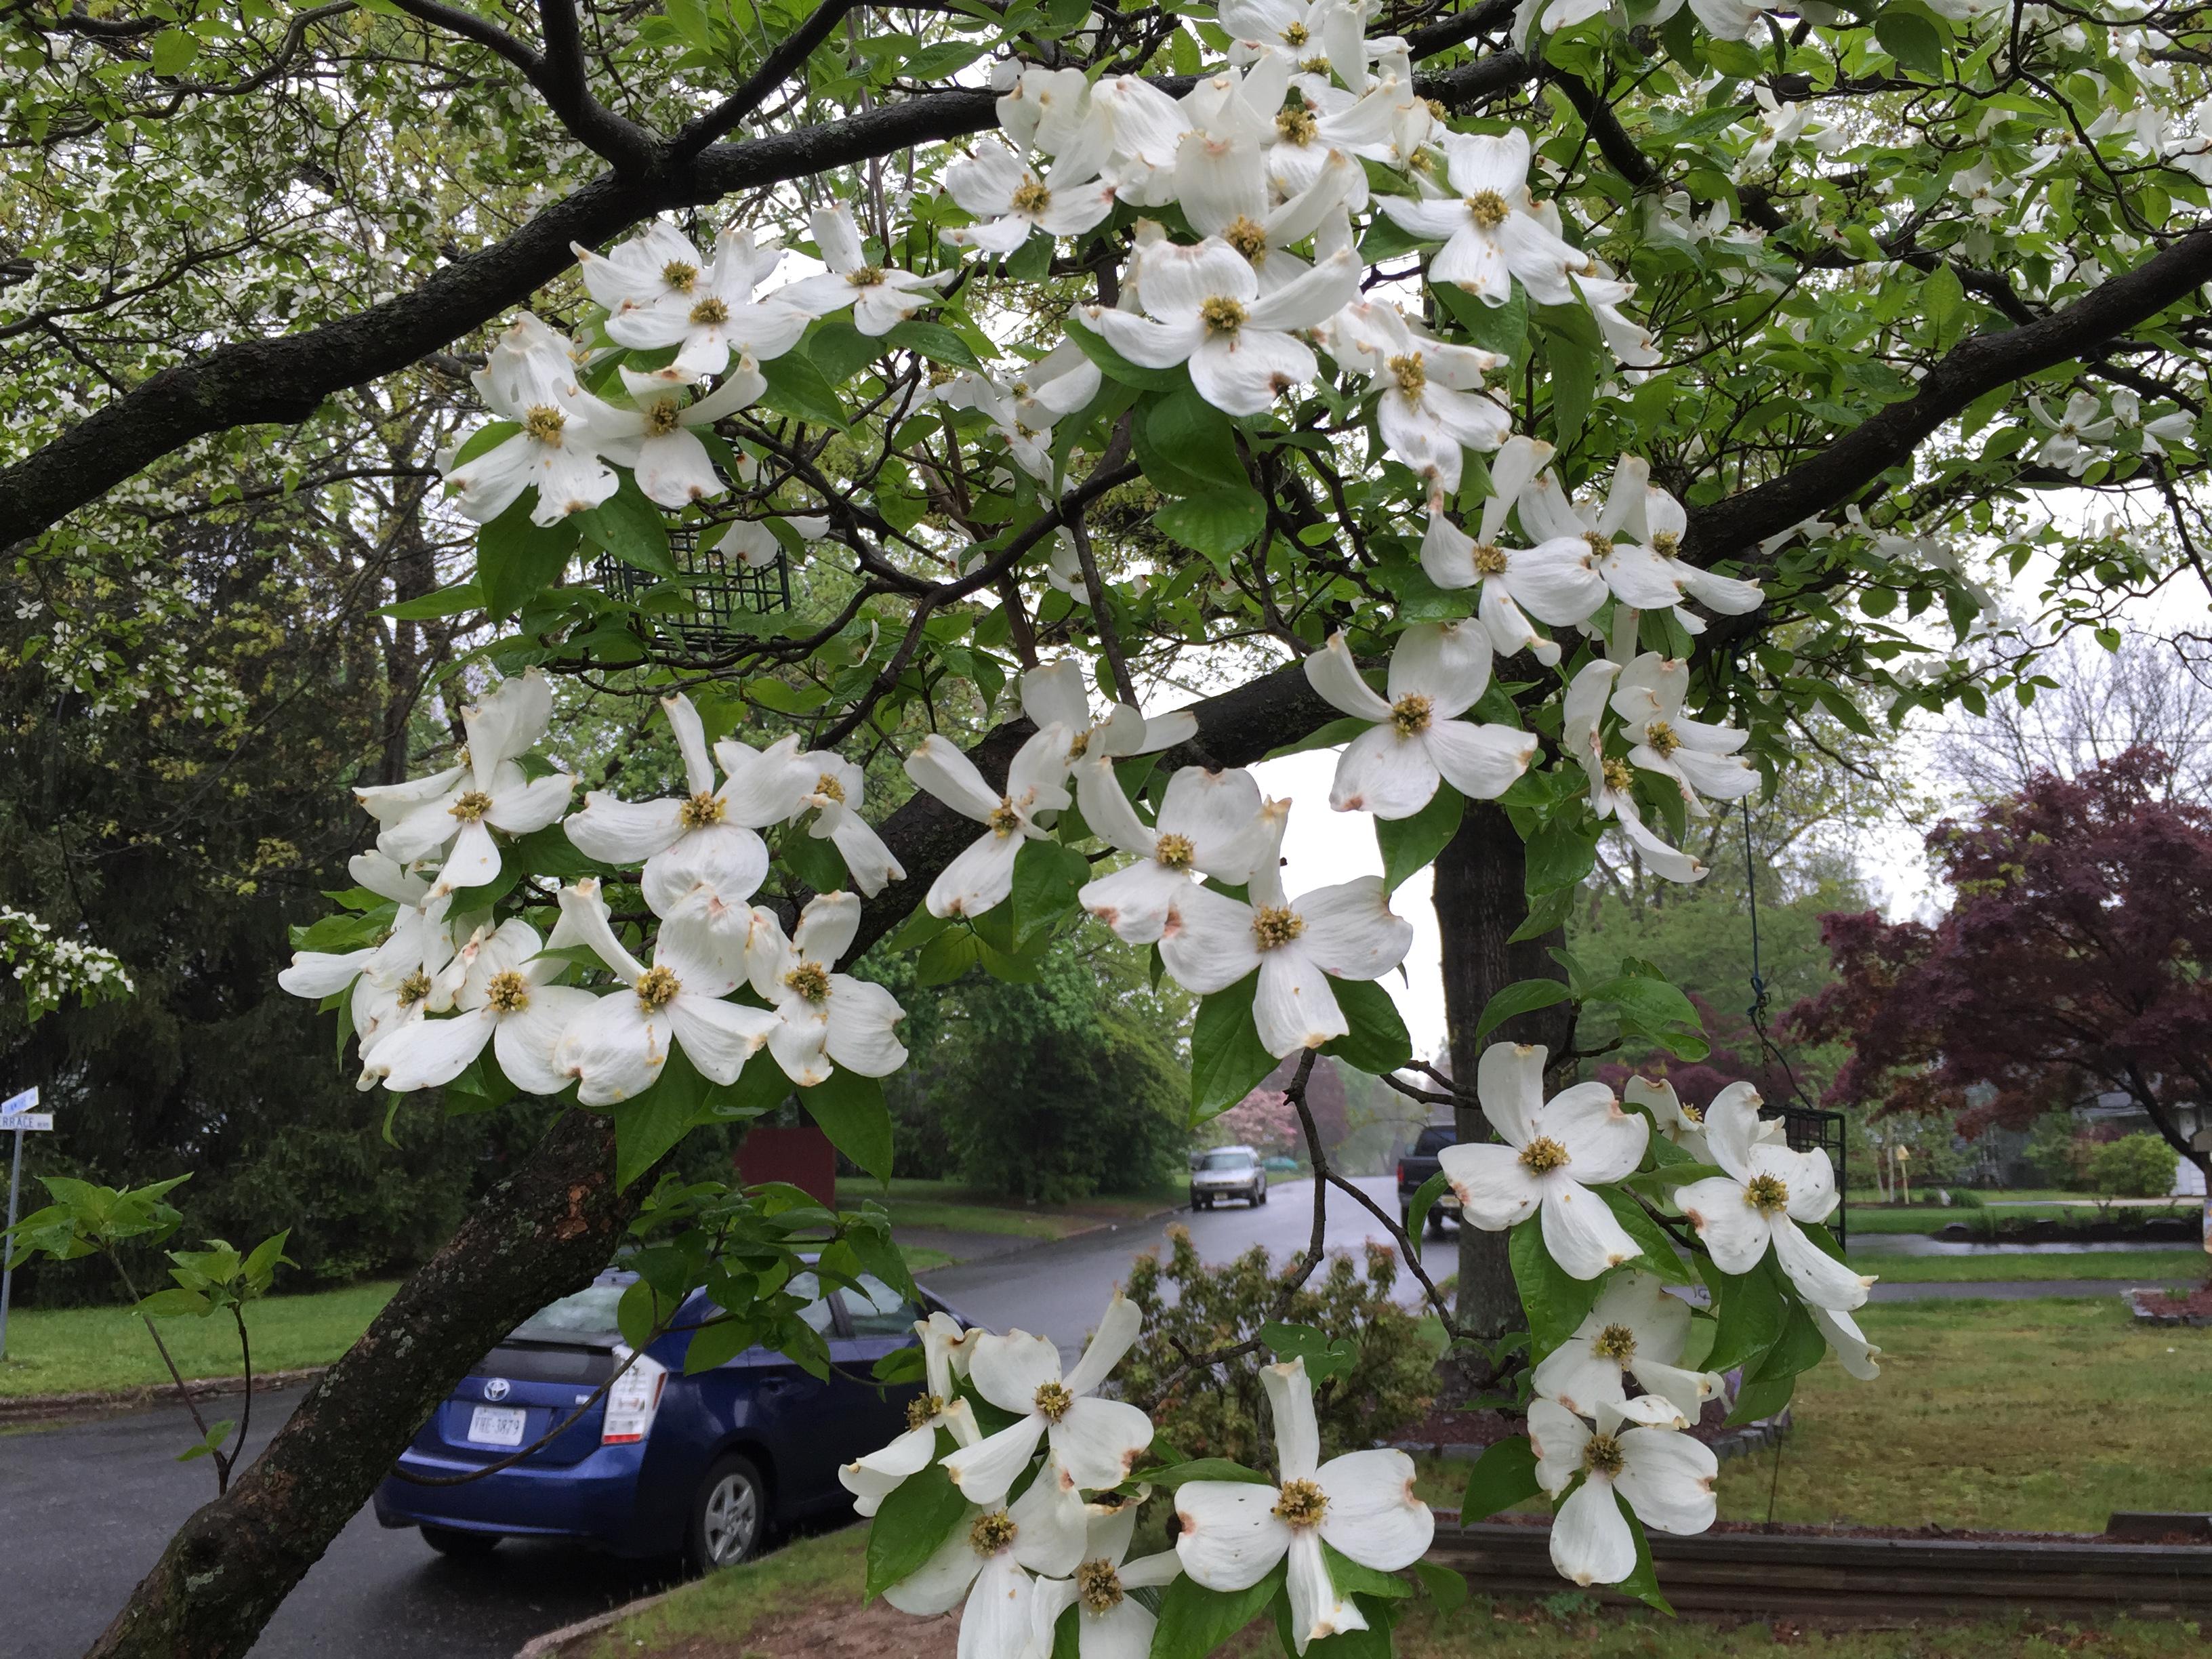 File2016 05 03 11 07 01 White Flowering Dogwood Blossoms Along